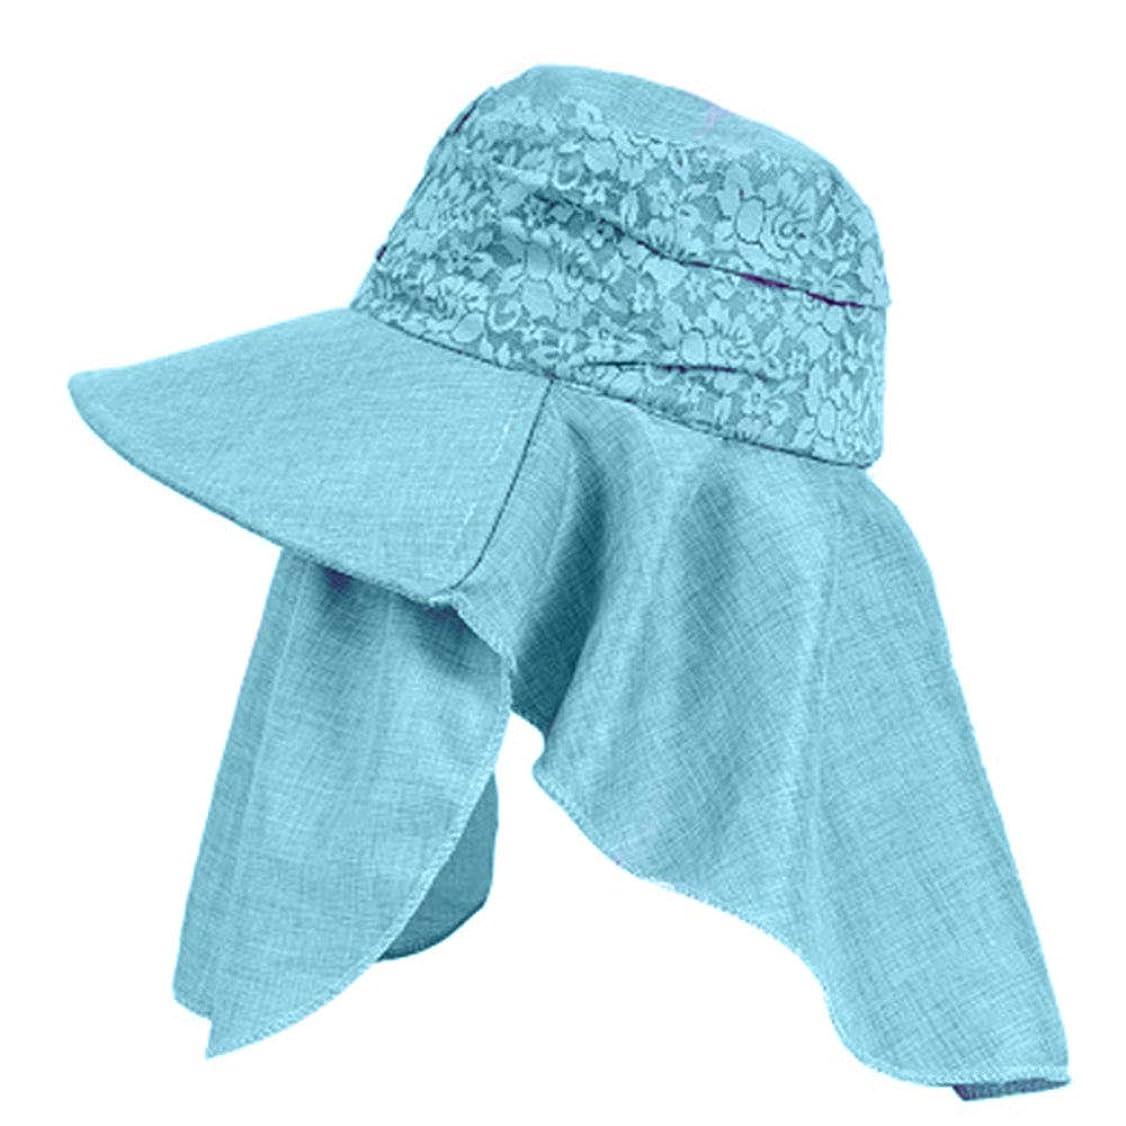 ロデオチャーターほんのMerssavo 女性の夏の日曜日の帽子、バイザーカバーの表面の反紫色のライン旅行日曜日の帽子、ガーデニング、ハイキング、旅行、1#